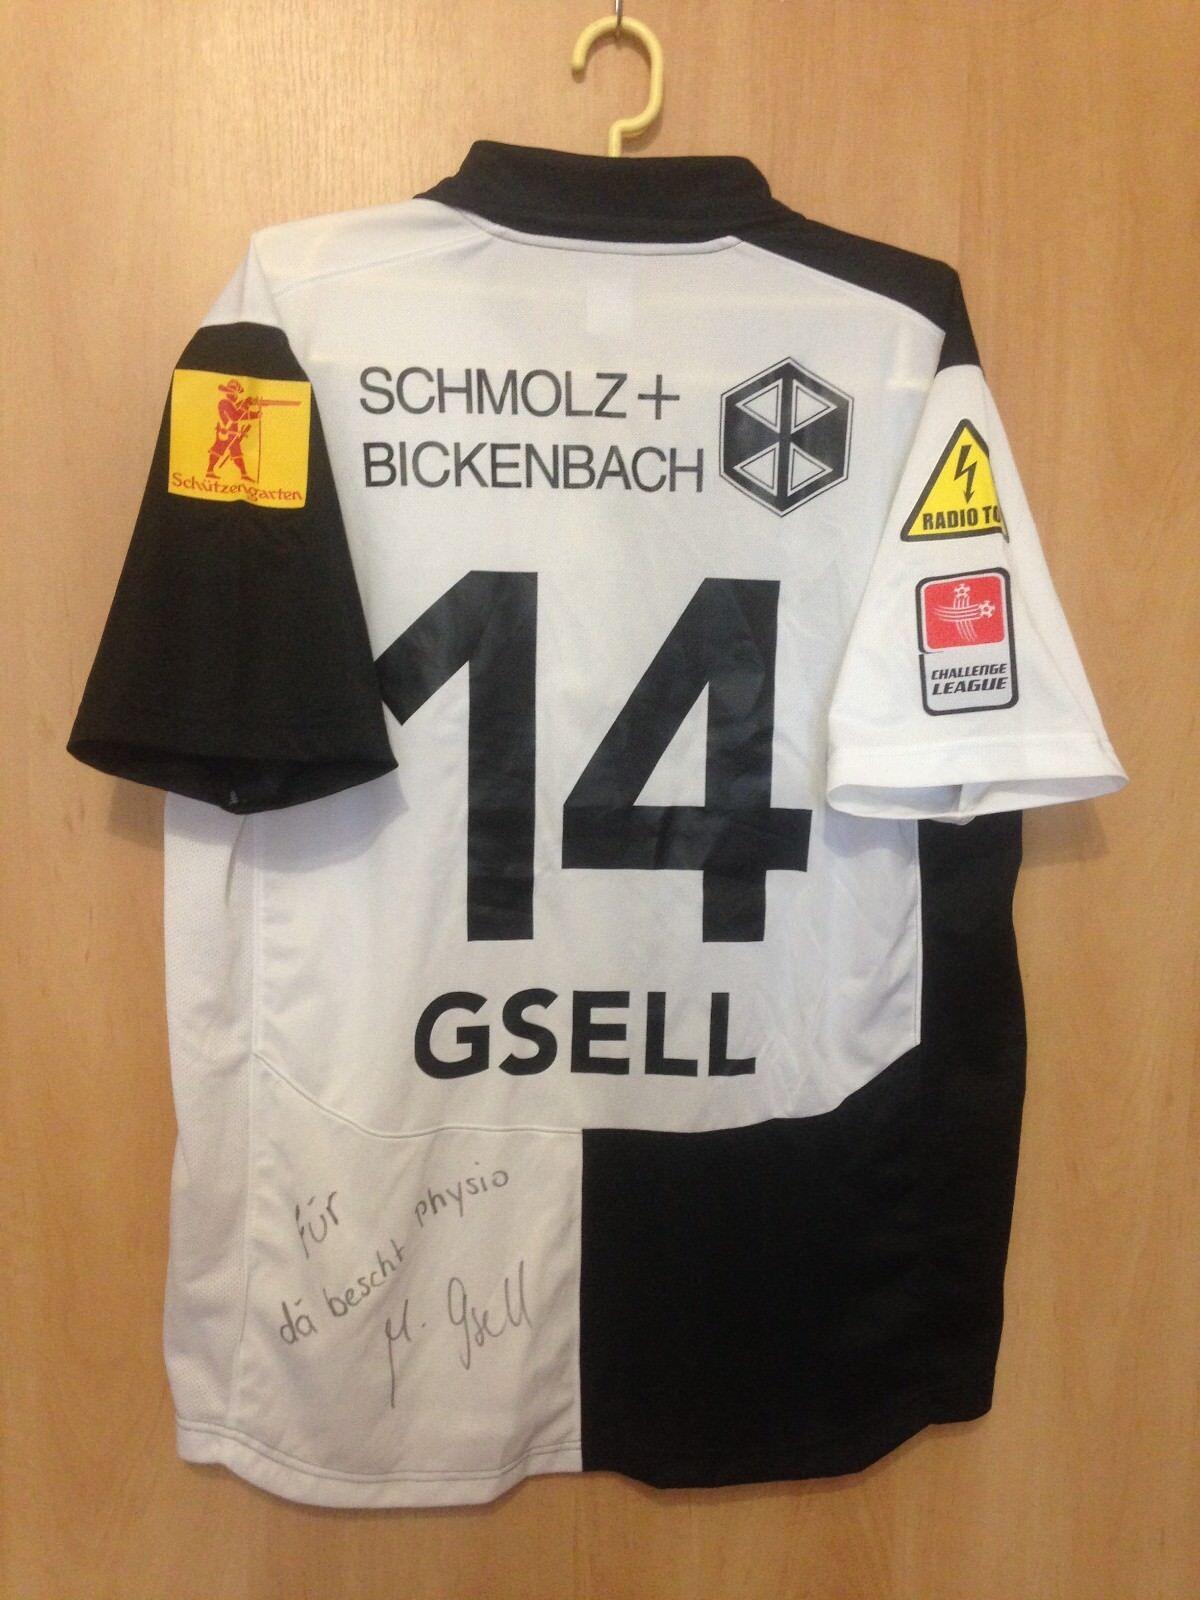 FC WIL 1990 SVIZZERA MATCH WORN SHIRT JERSEY TRIKOT firmato Markus Gsell  14